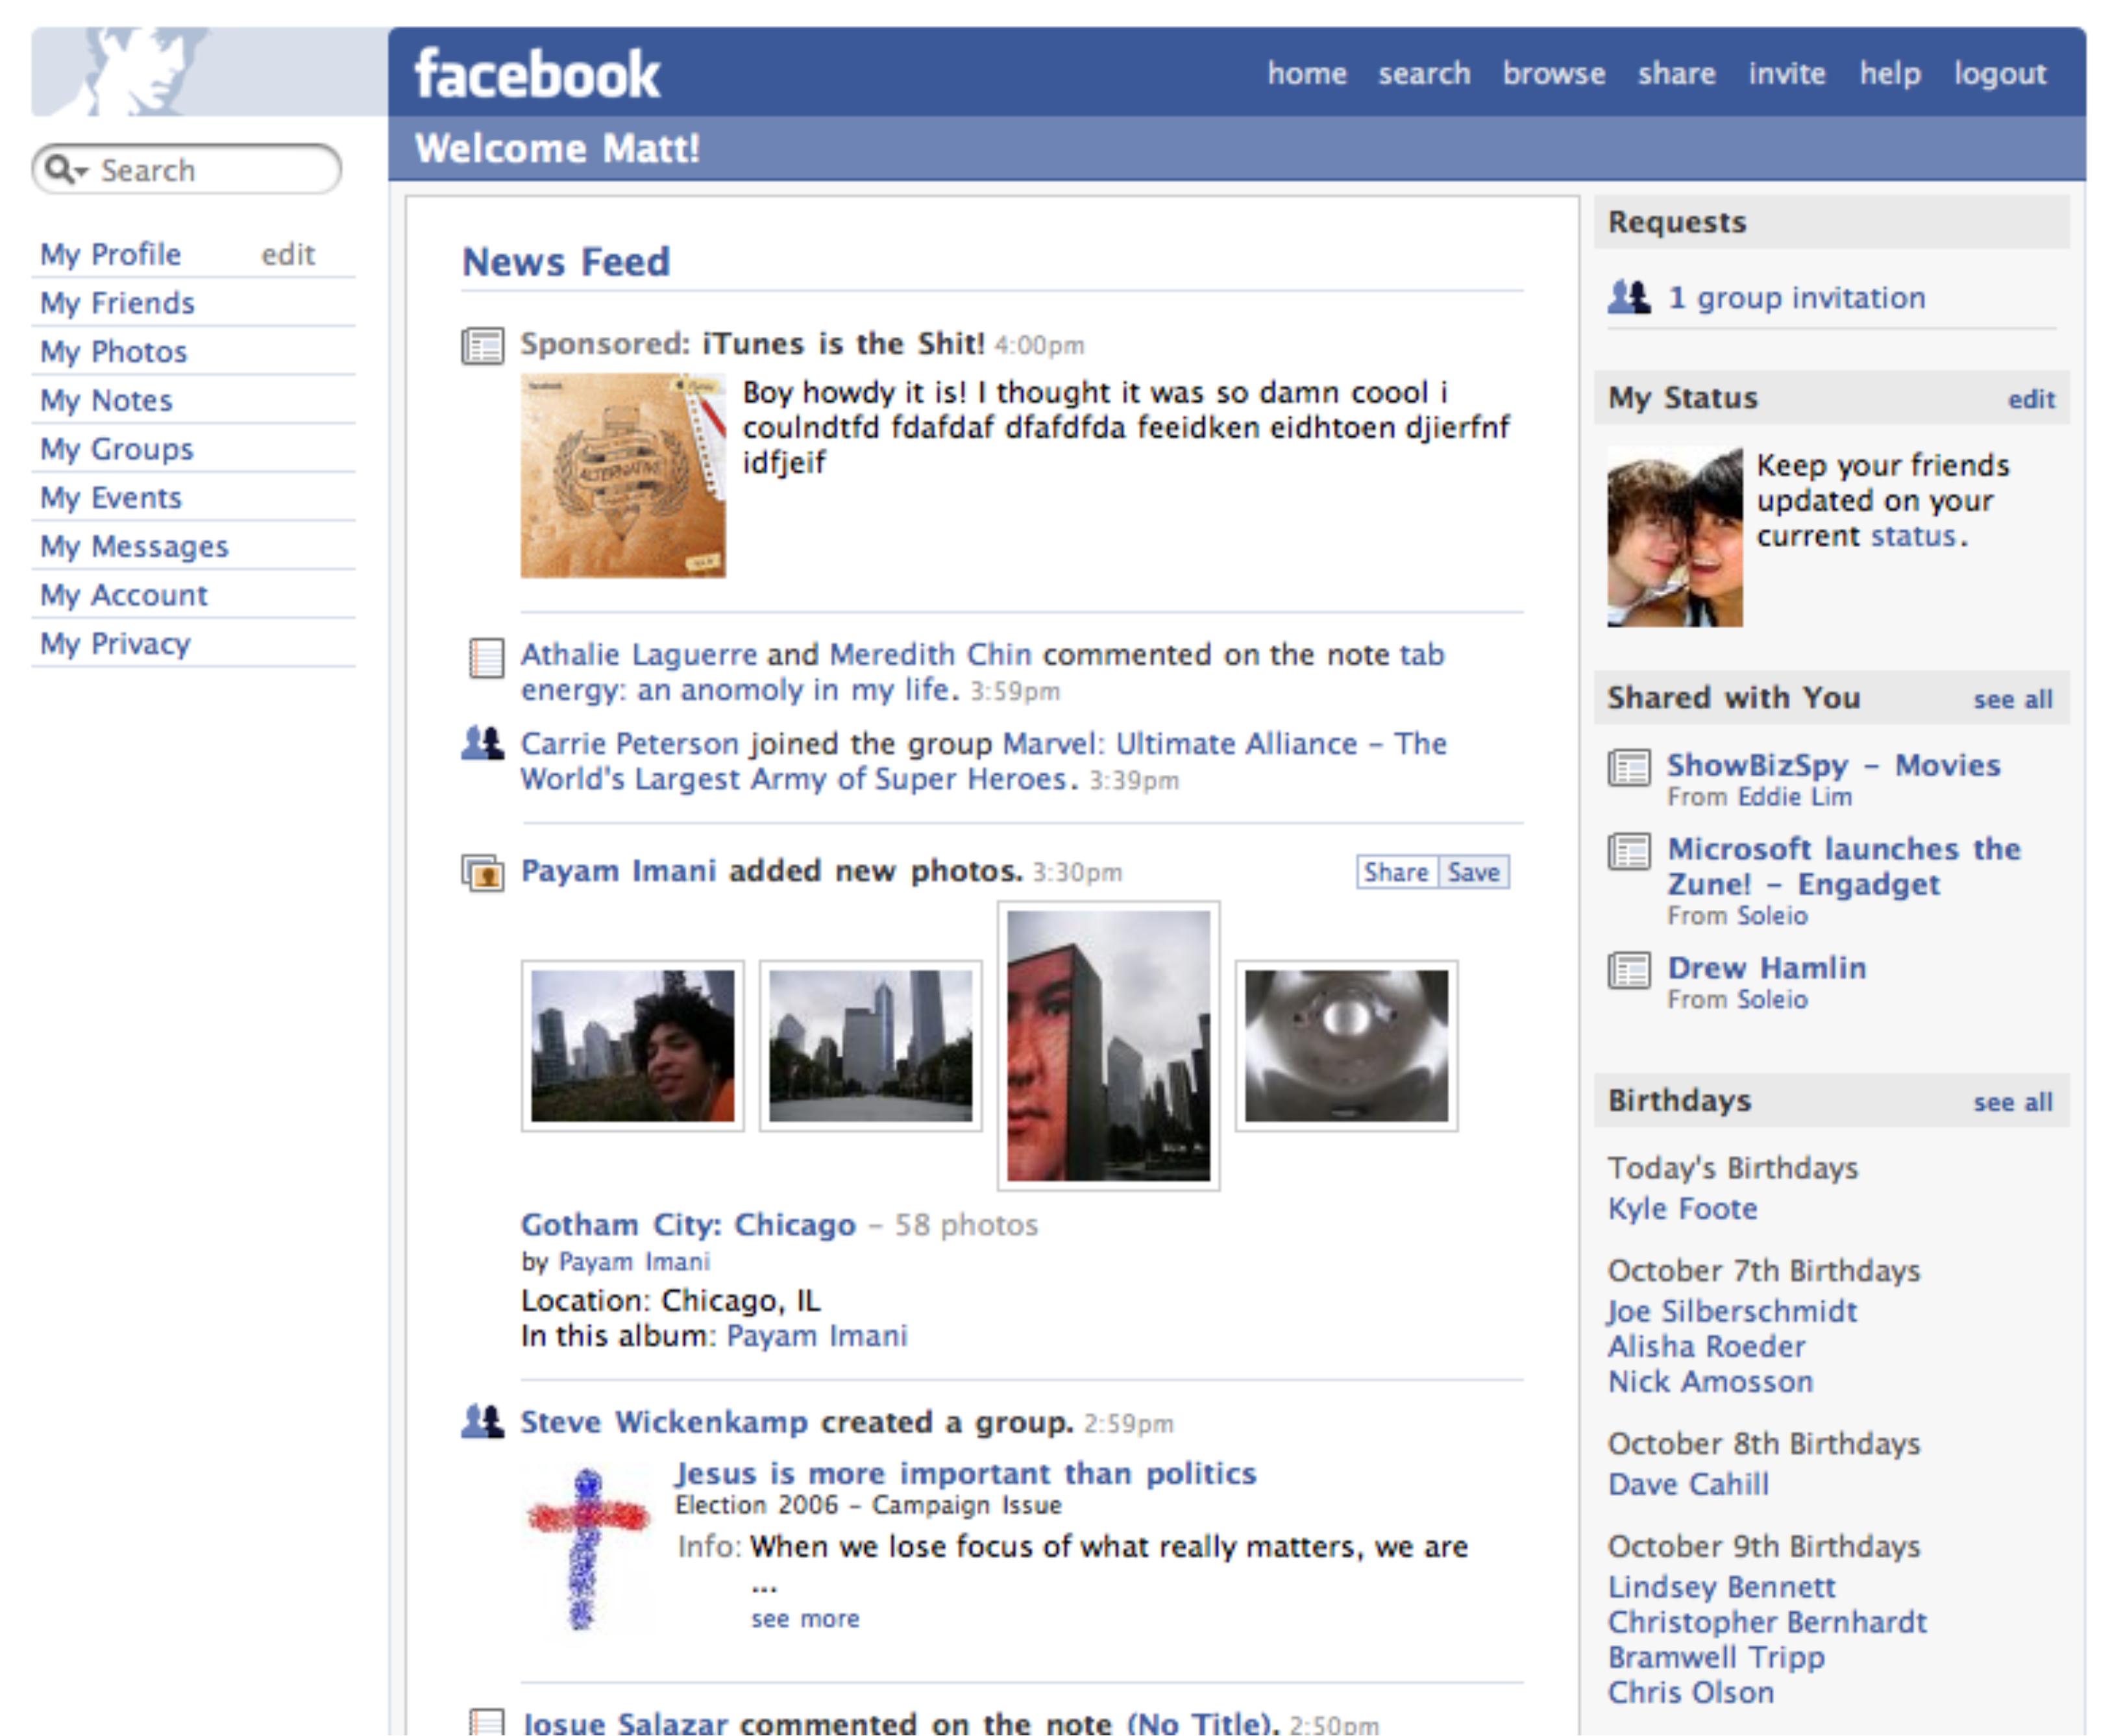 Бизнес и инновации - Юбилей новостной ленты Facebook. Как все начиналось